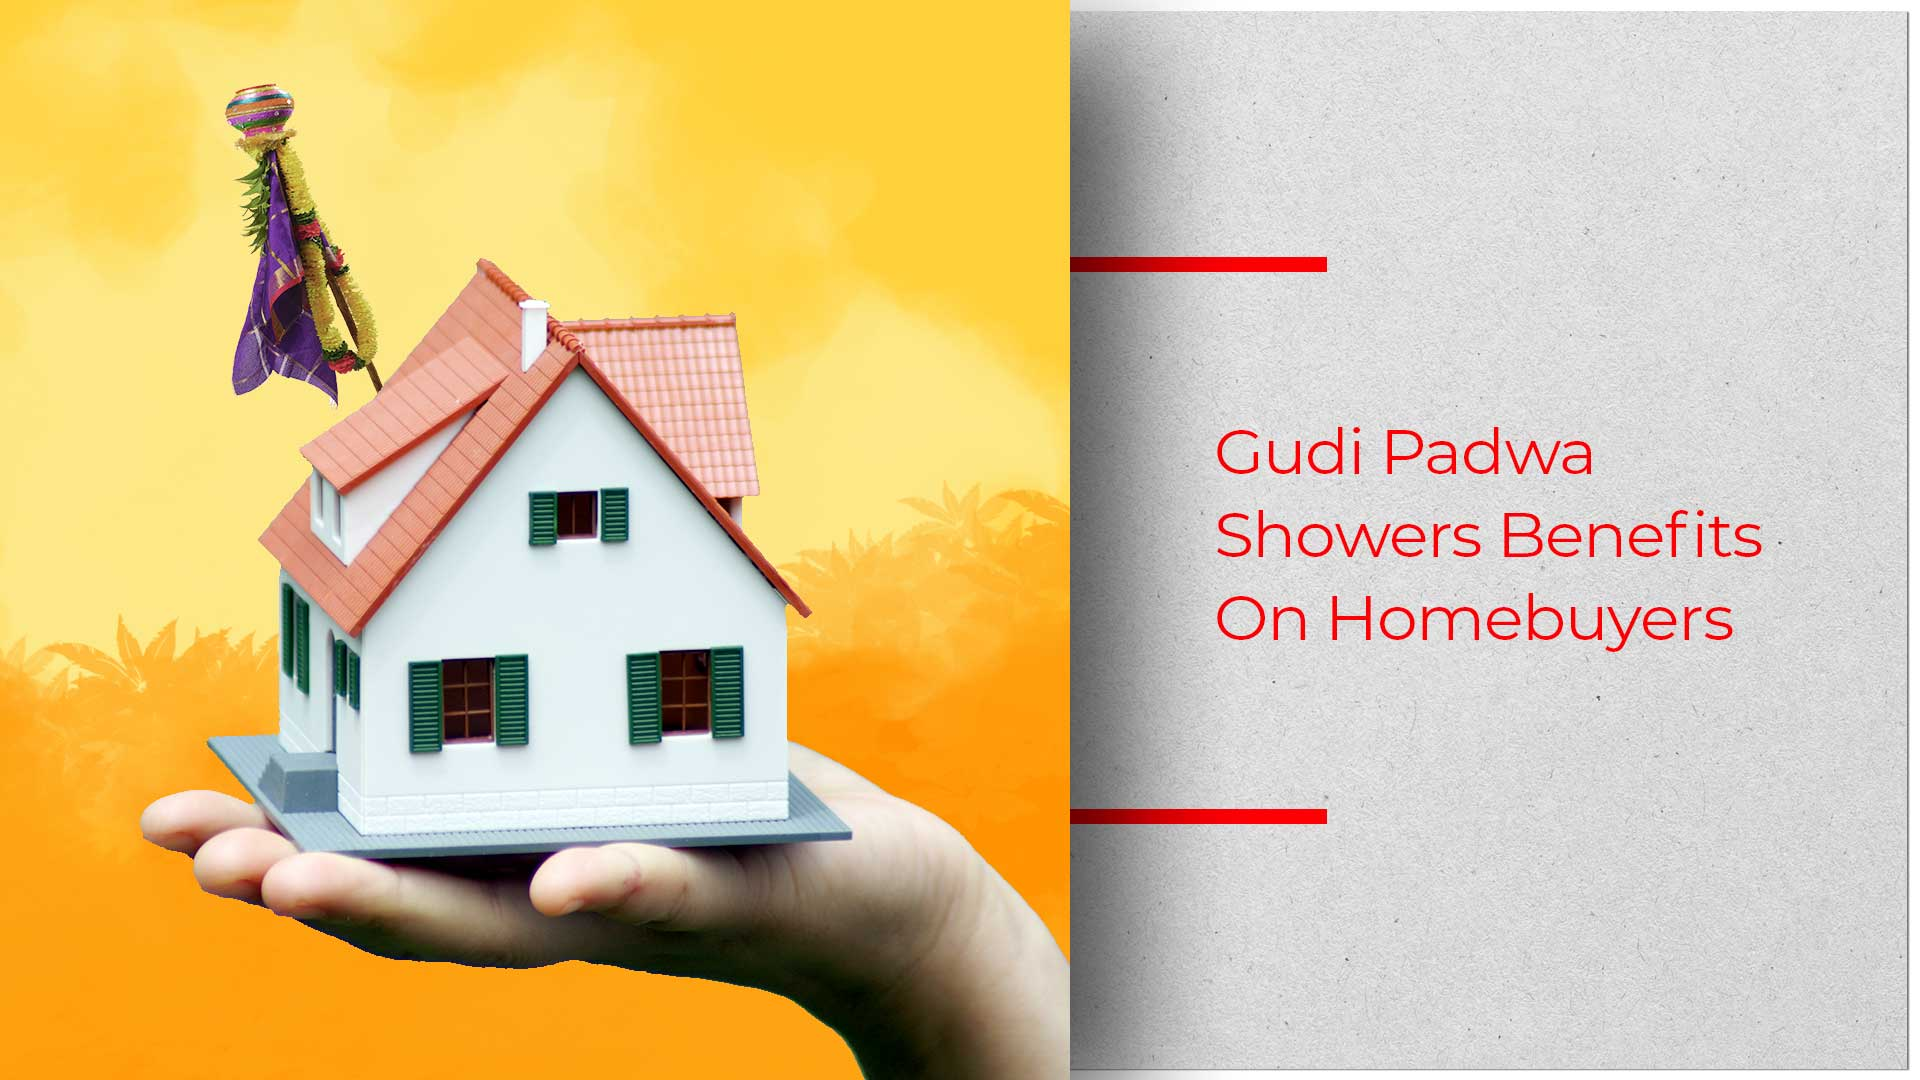 The Home Buying Scenario Ahead Of Gudi Padwa